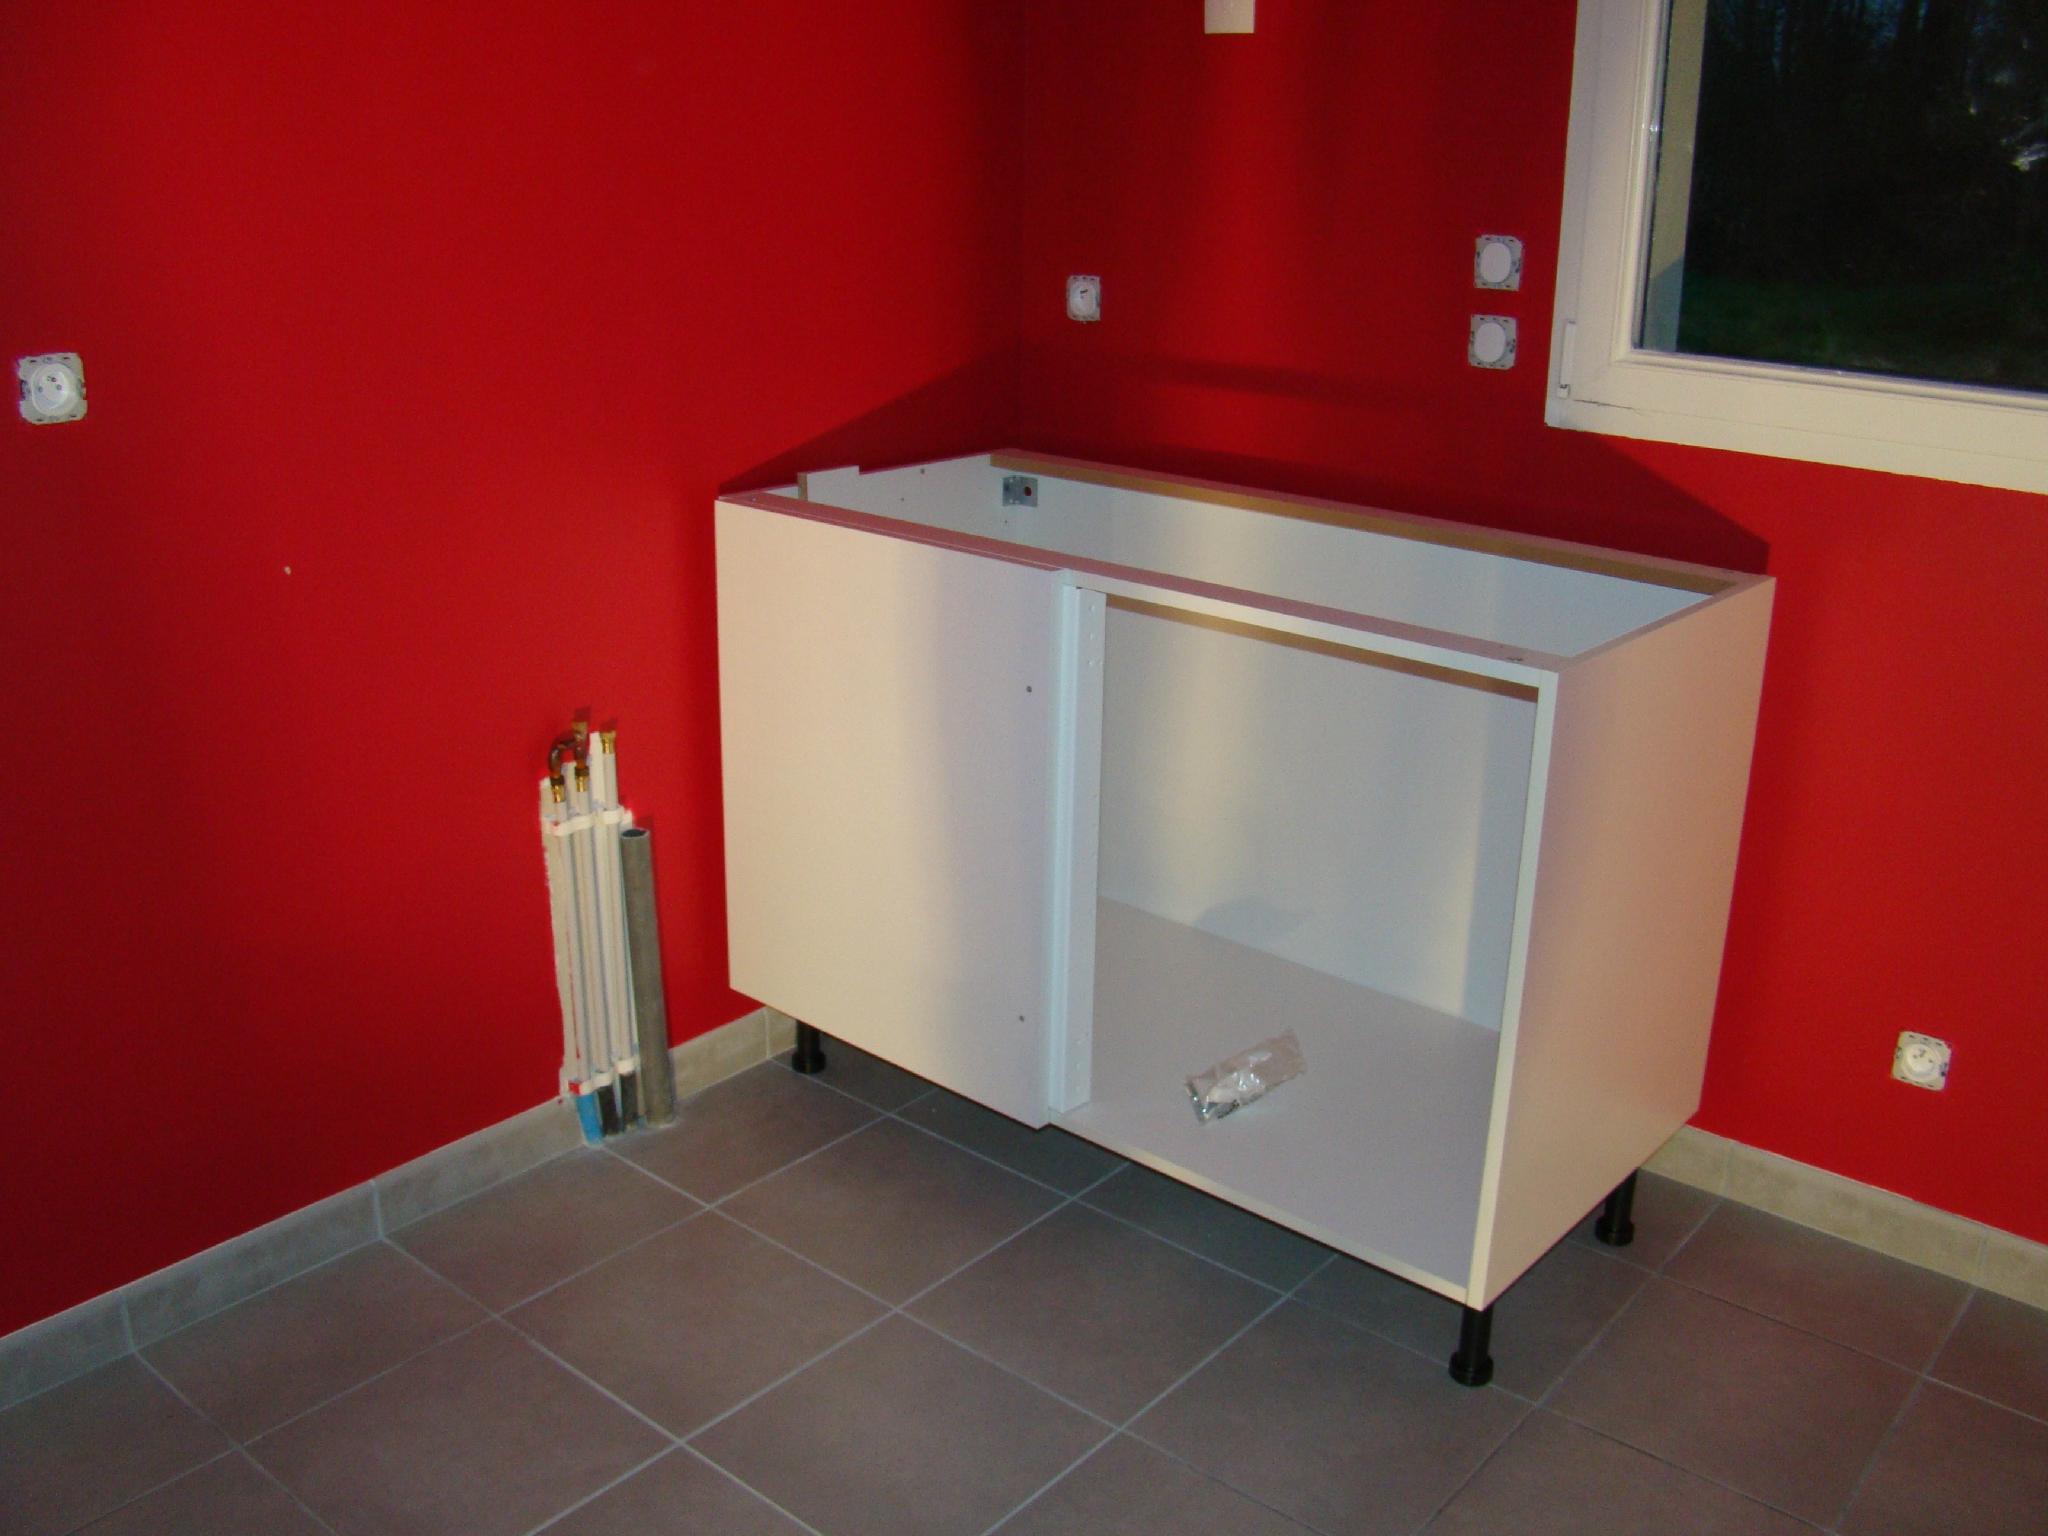 Meuble de cuisine lave vaisselle maison et mobilier d - Meuble cuisine lave vaisselle ...